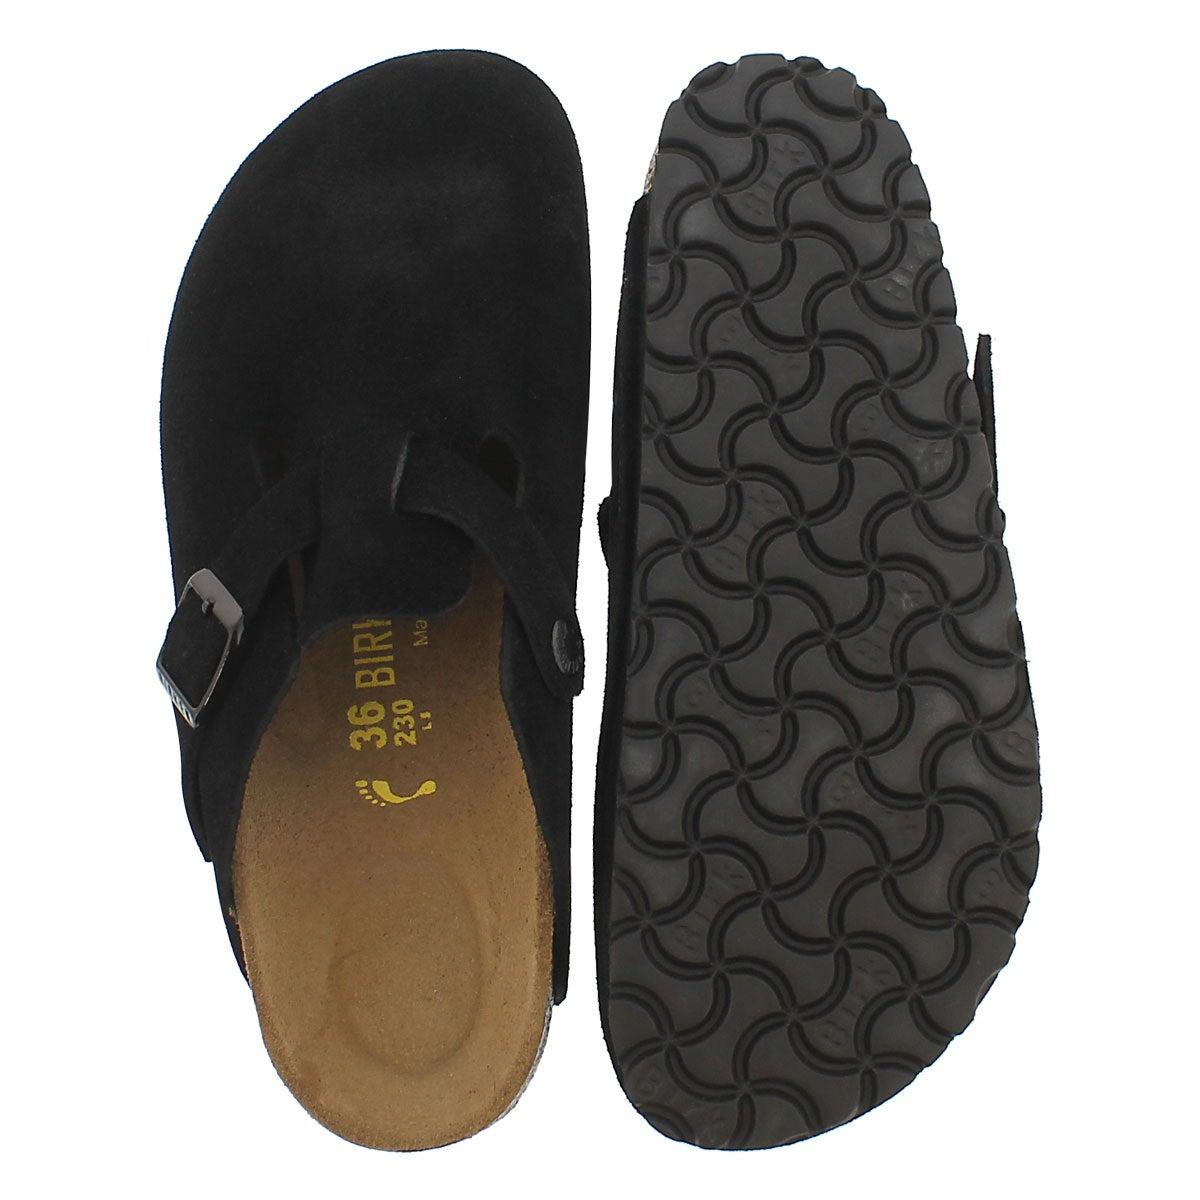 Lds Boston black suede clog-N width